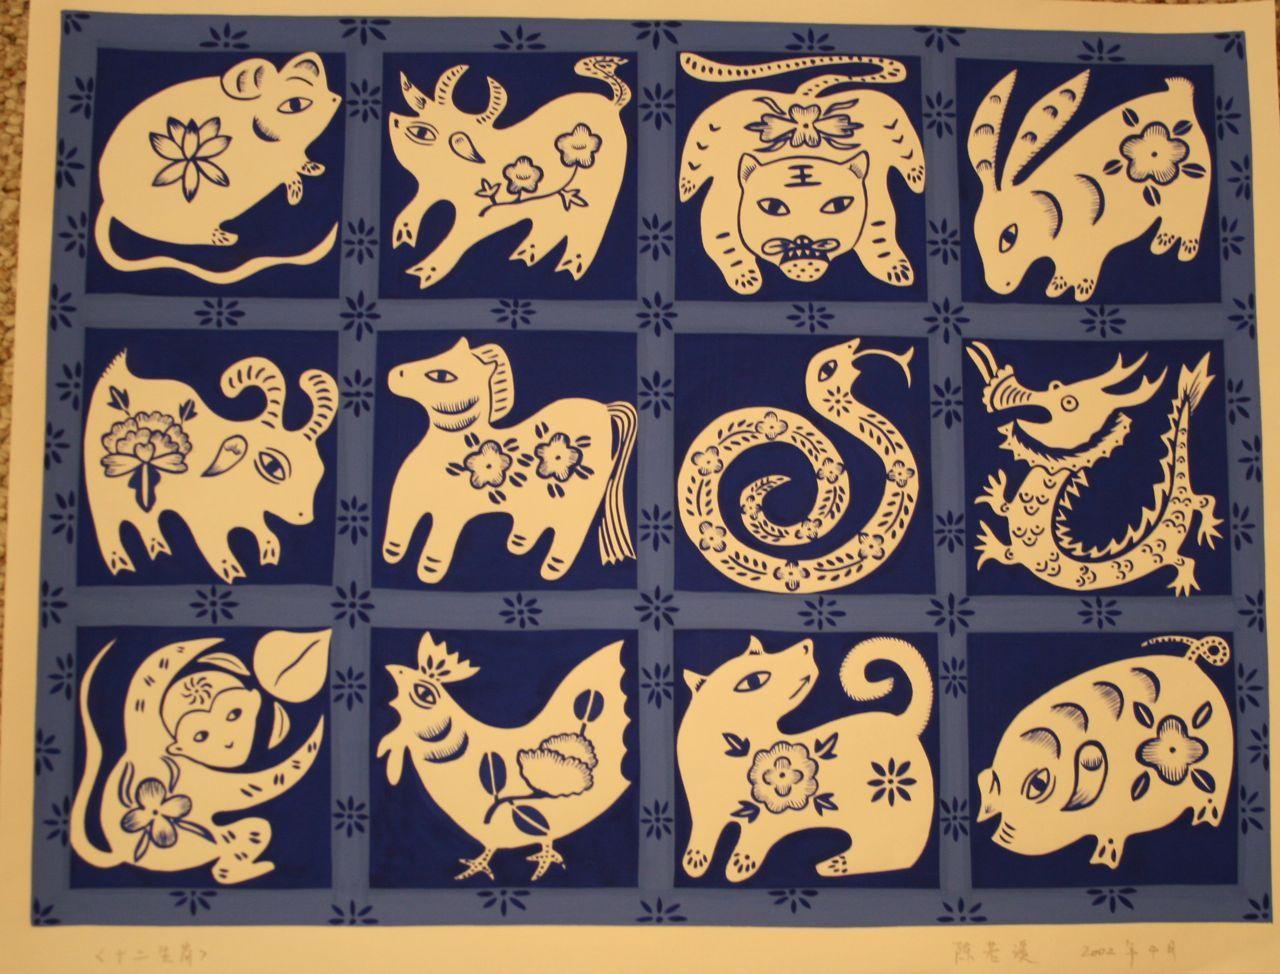 меня, картинки животные знаков зодиака продолжают спорить сих